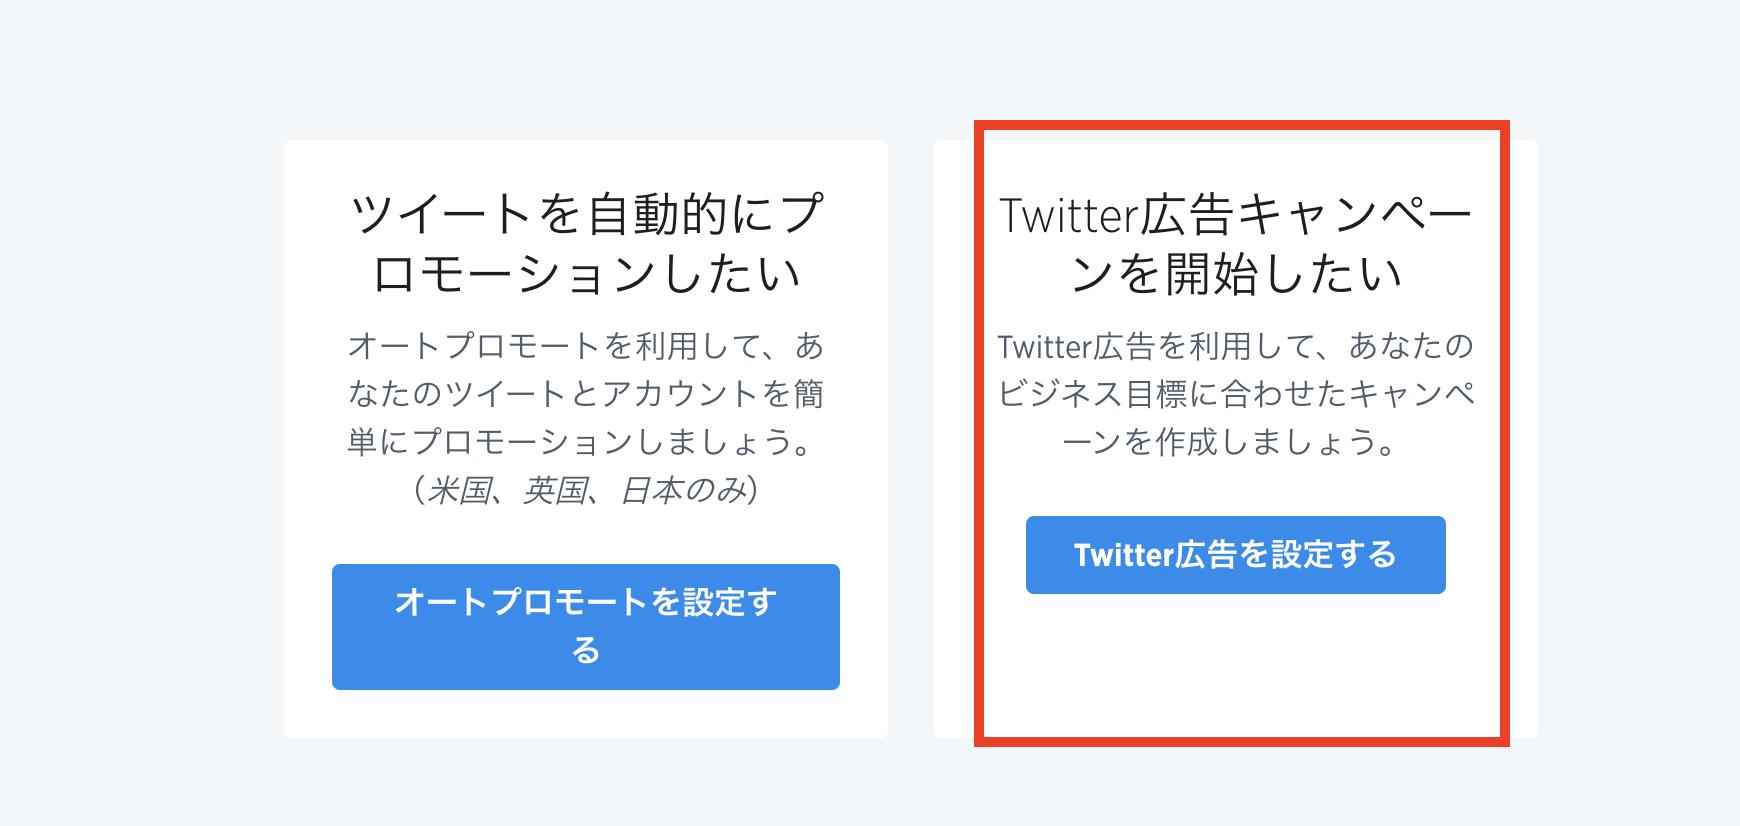 Twitter広告_アカウント登録キャプチャ